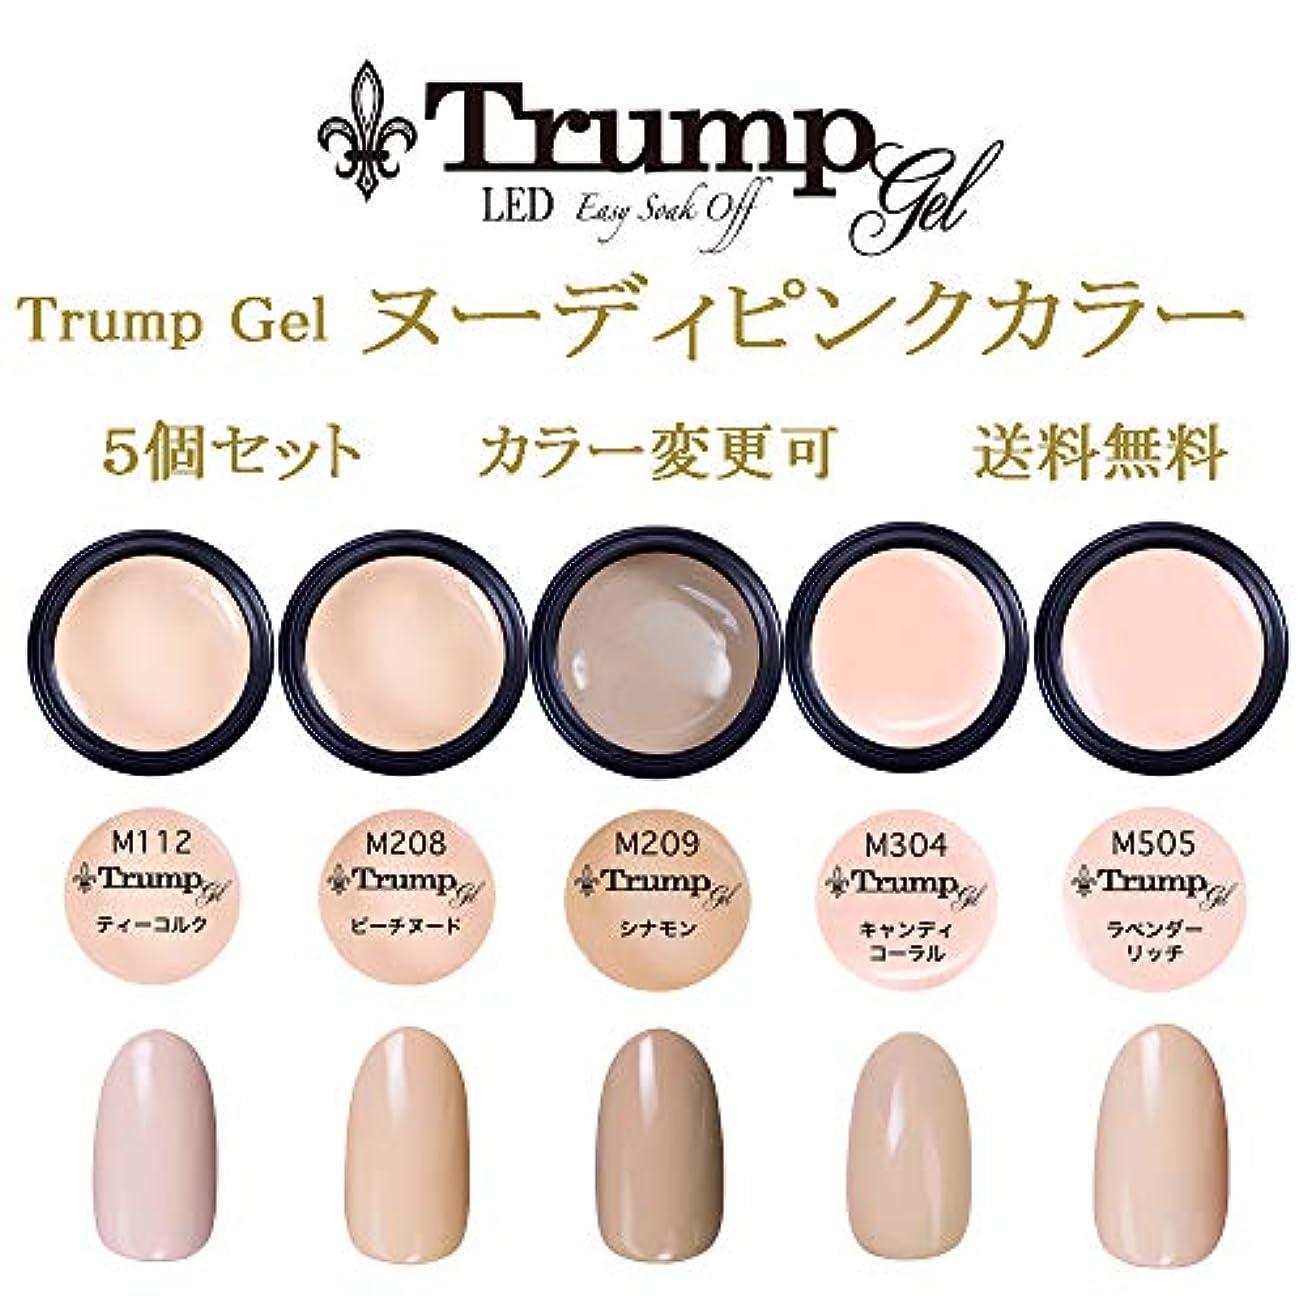 つぶやき工業用エイリアン日本製 Trump gel トランプジェル ヌーディピンク 選べる カラージェル 5個セット ピンク ベージュ ヌーディカラー